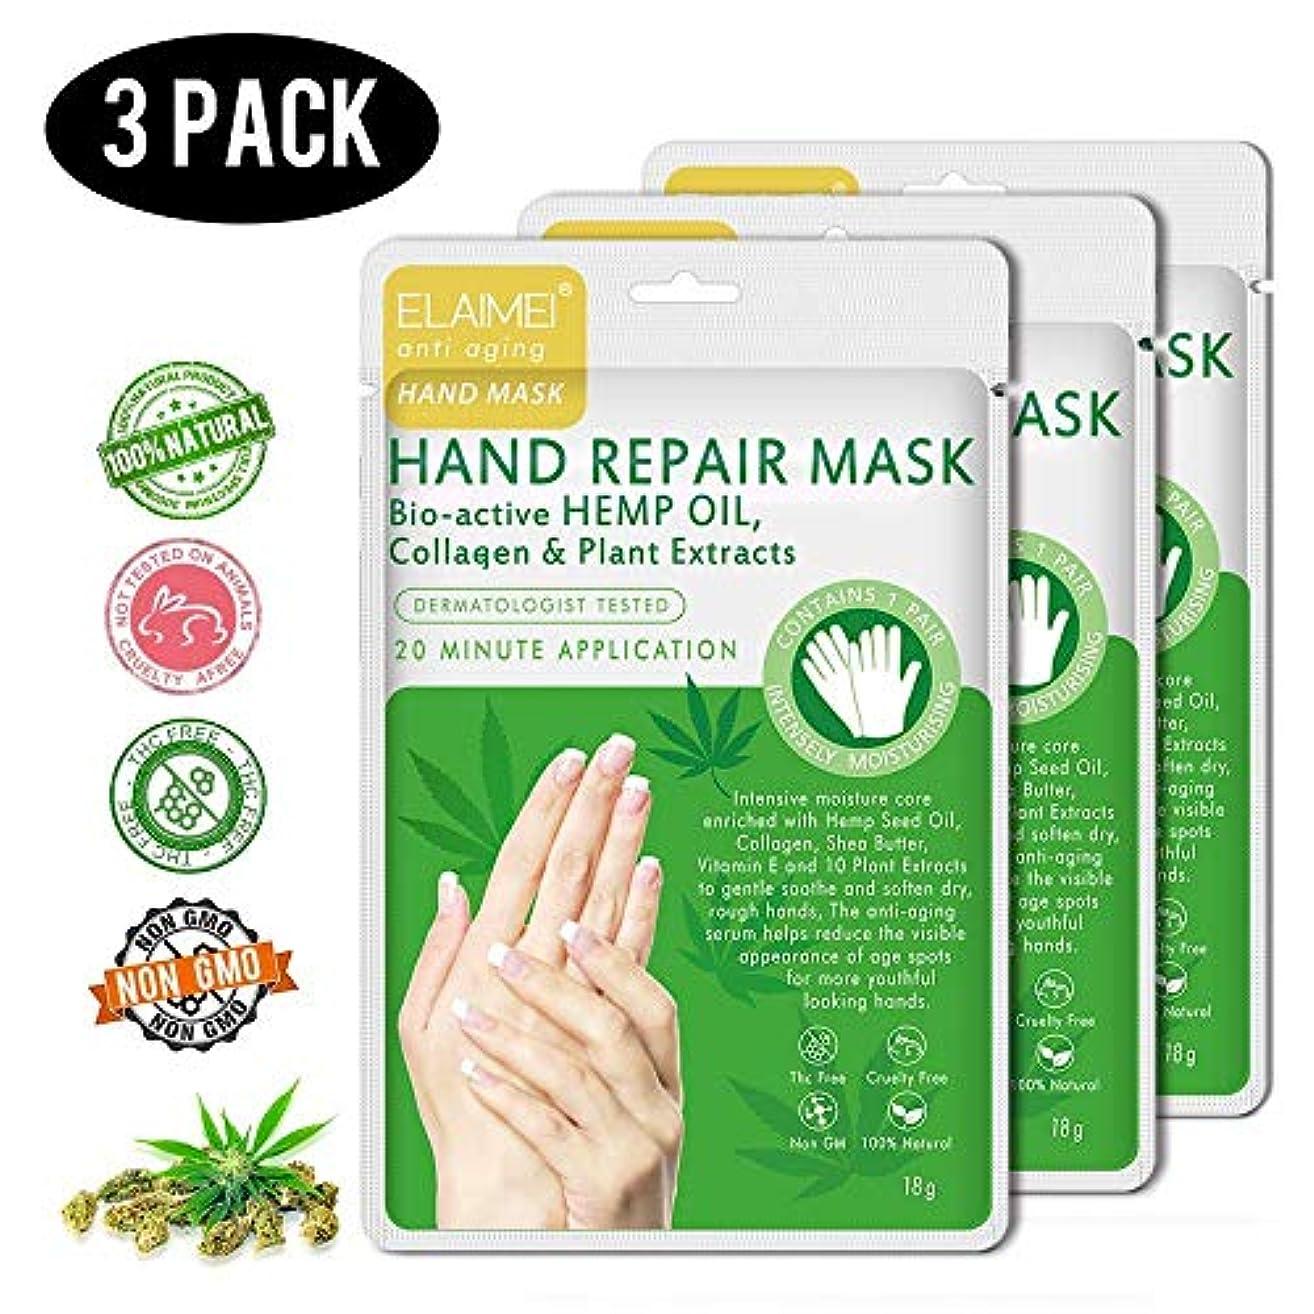 食物過度の些細なハンド皮マスク3パック、ハンドマスクスパ手袋は、ラフスキンの手を乾燥させ、女性の男性のための乾いた鈍い肌を補充するために潤いを与える手手袋